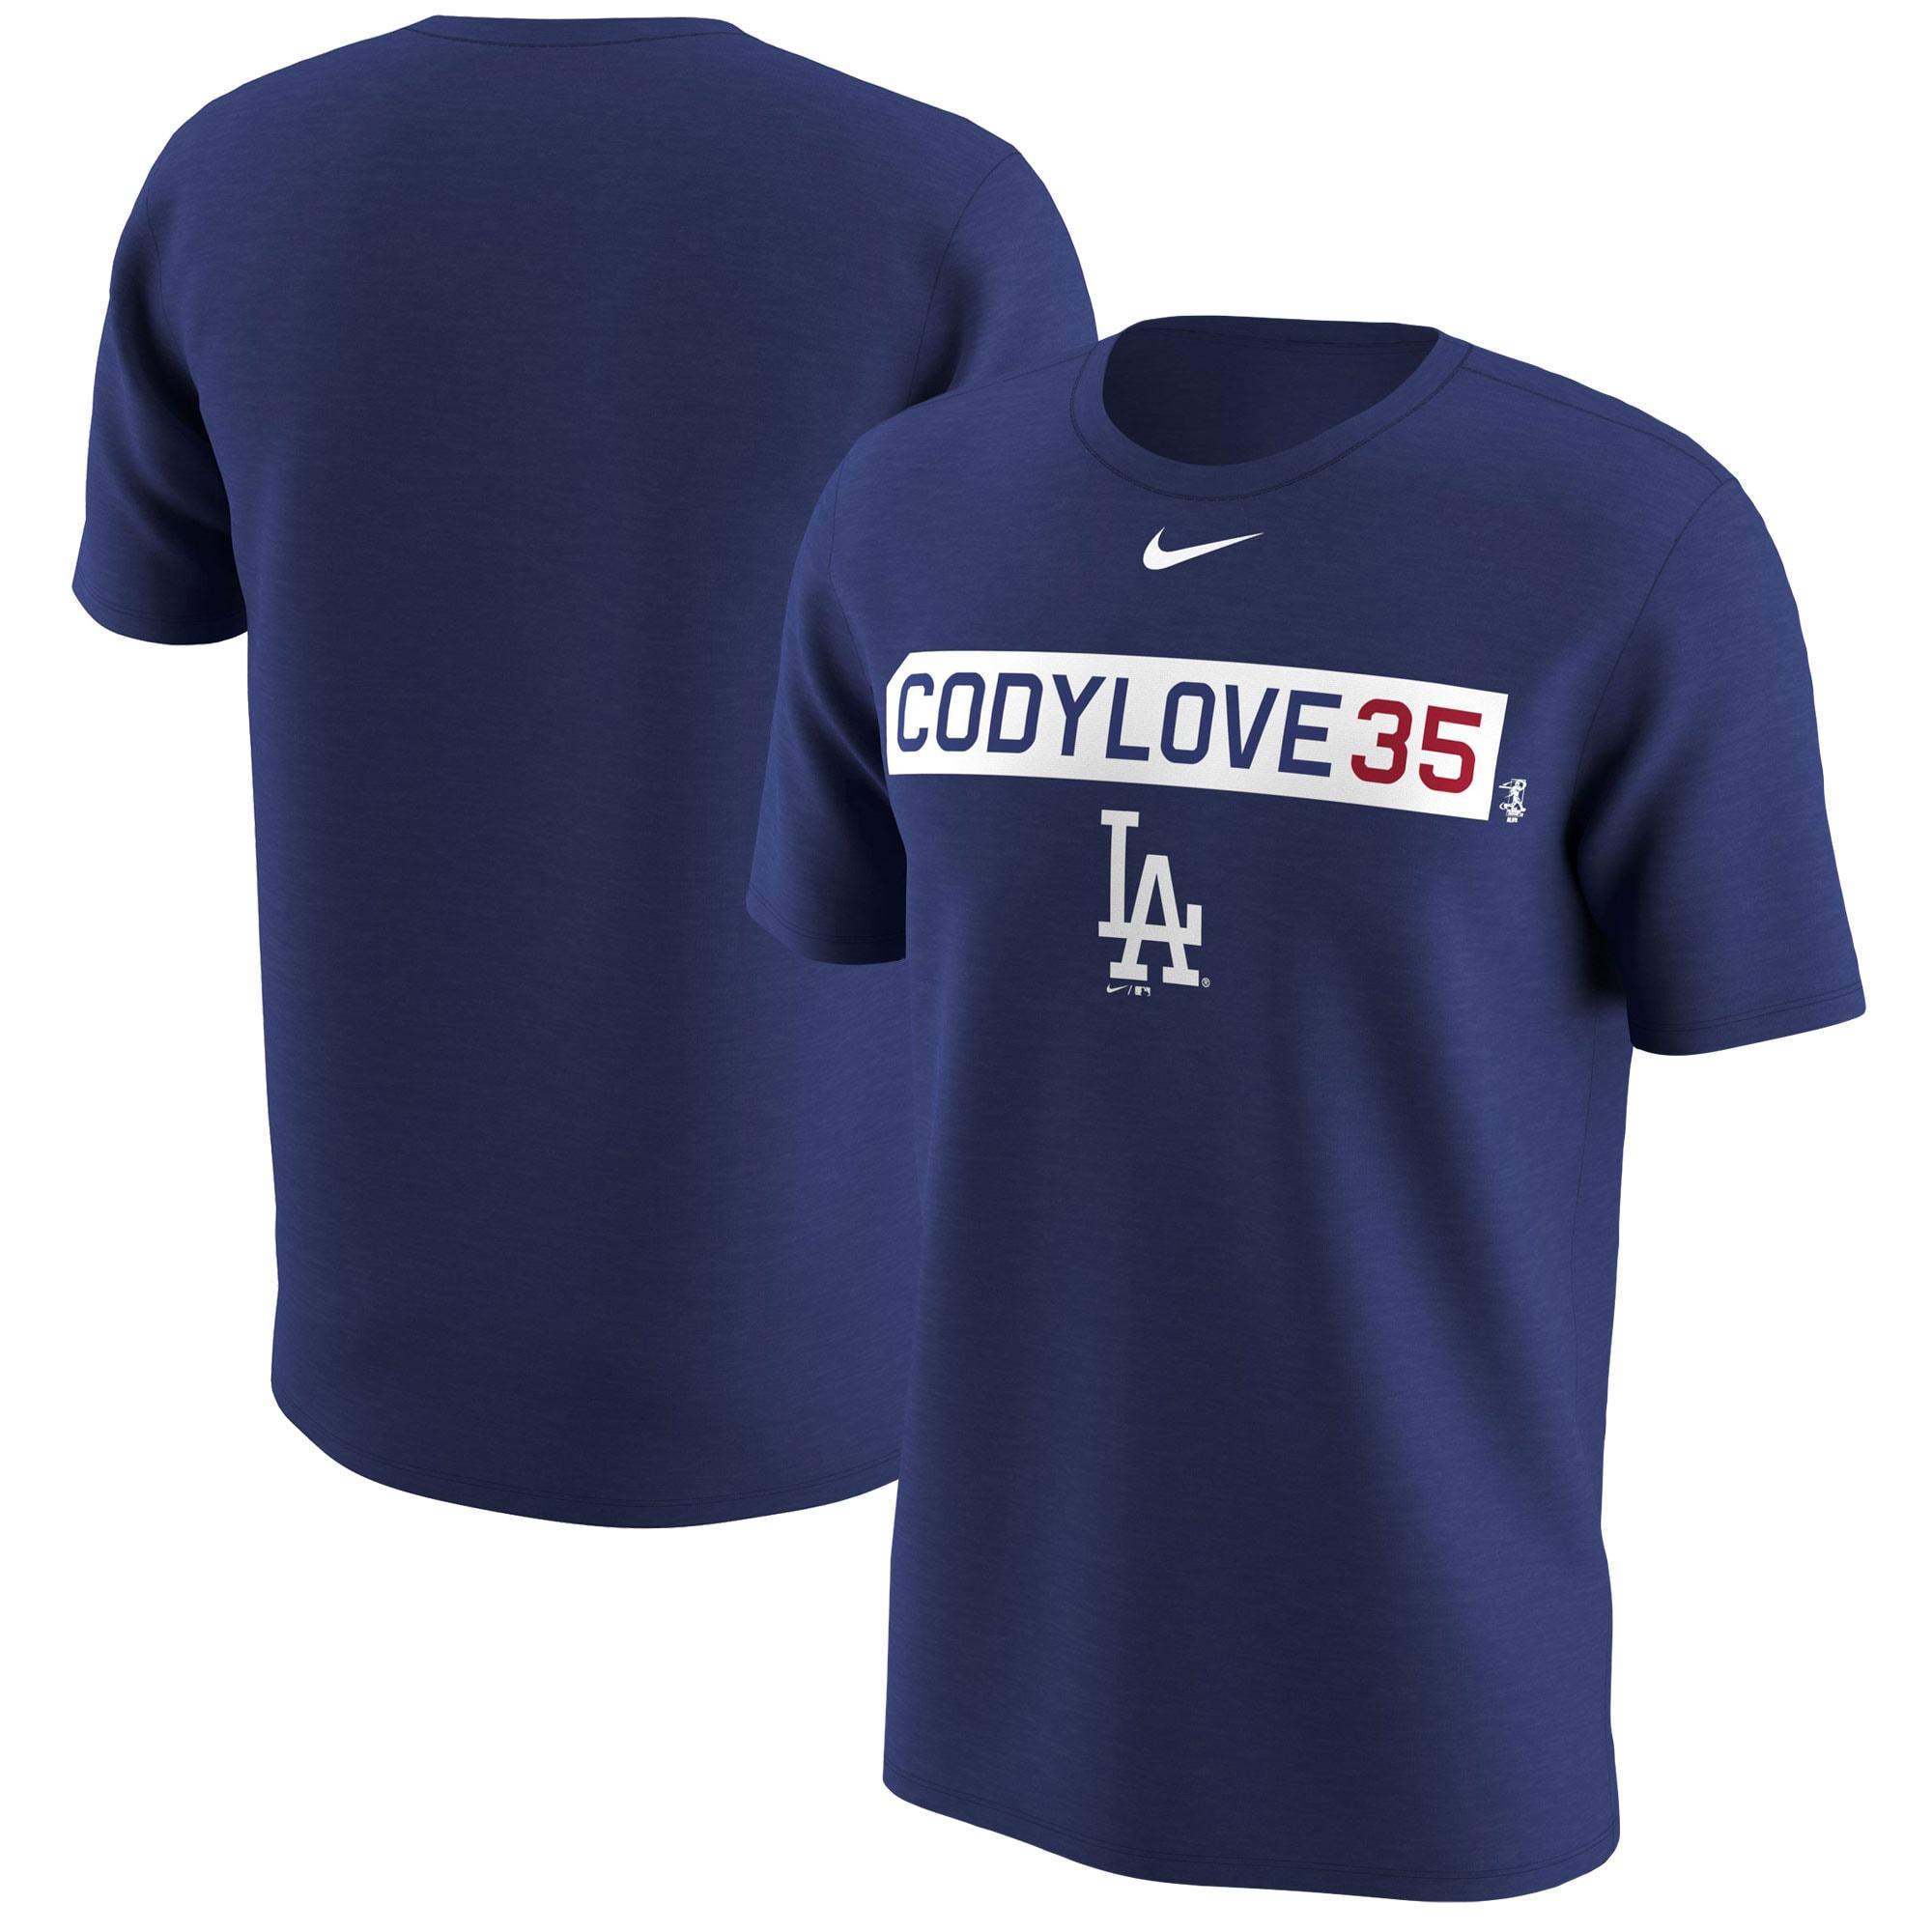 Cody Bellinger Los Angeles Dodgers Nike Legend Player Nickname Name & Number T-Shirt - Royal